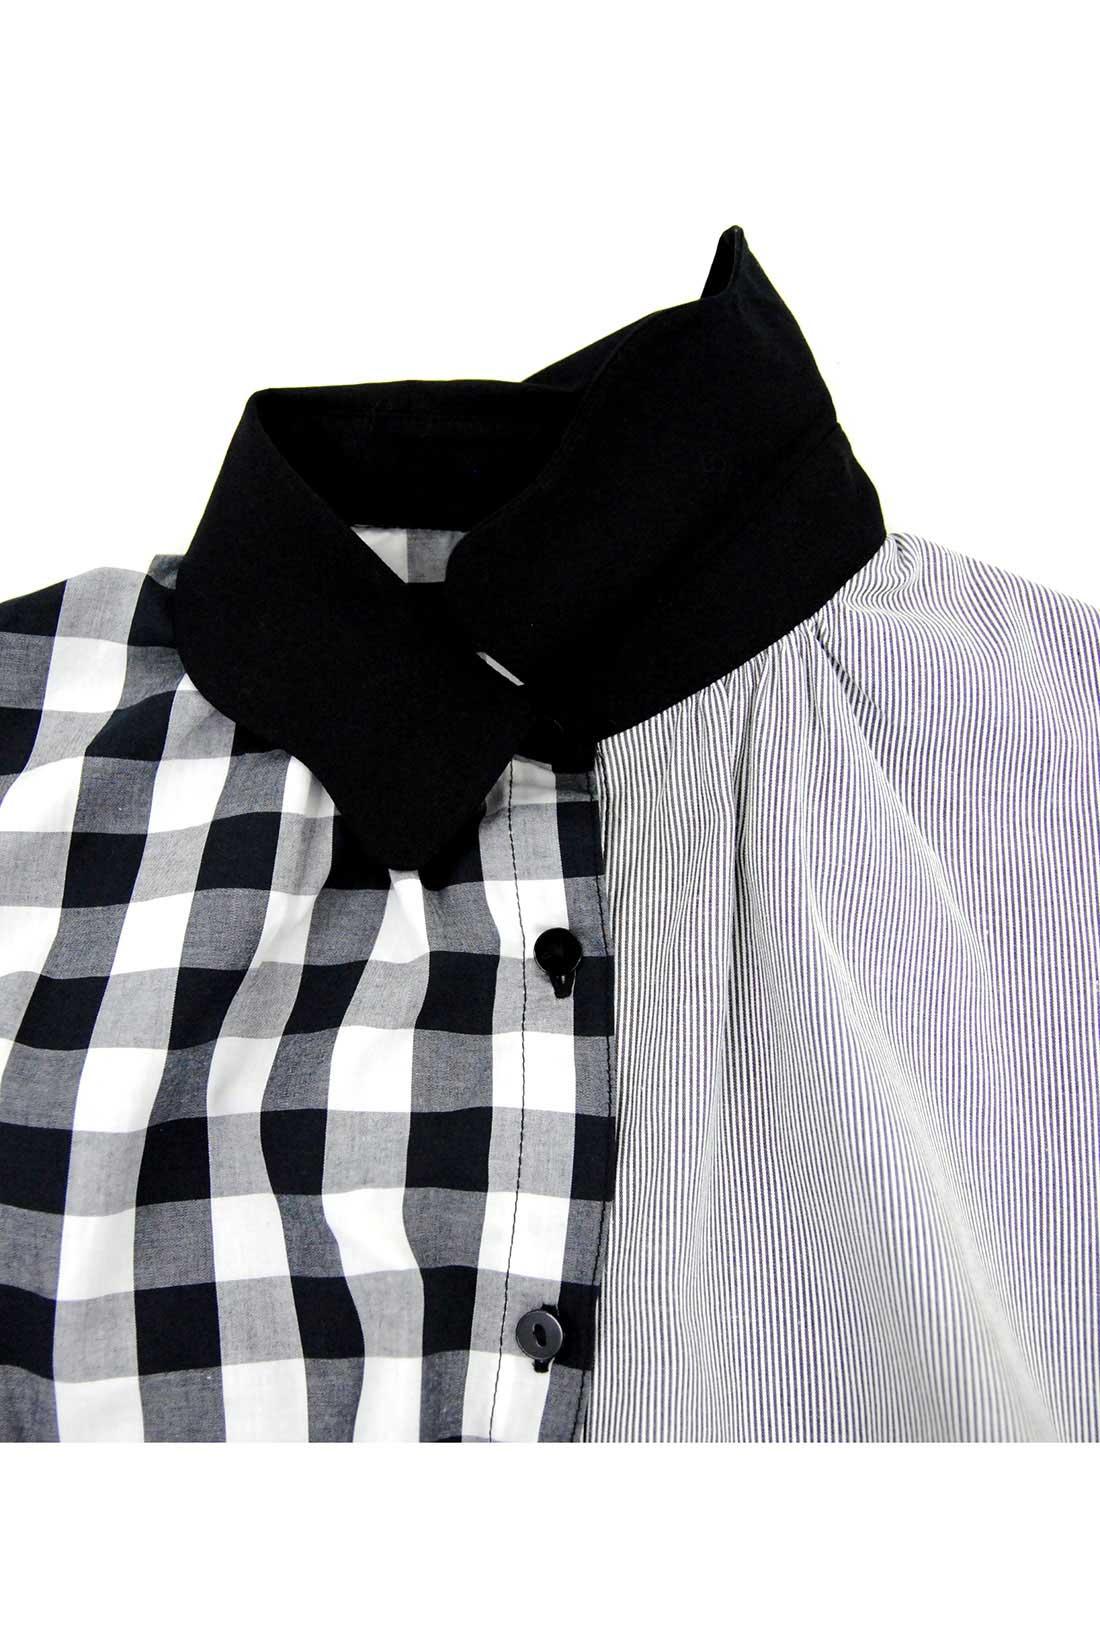 フロントの衿の下もギャザーが入っていて、かわいいラインを作ります。